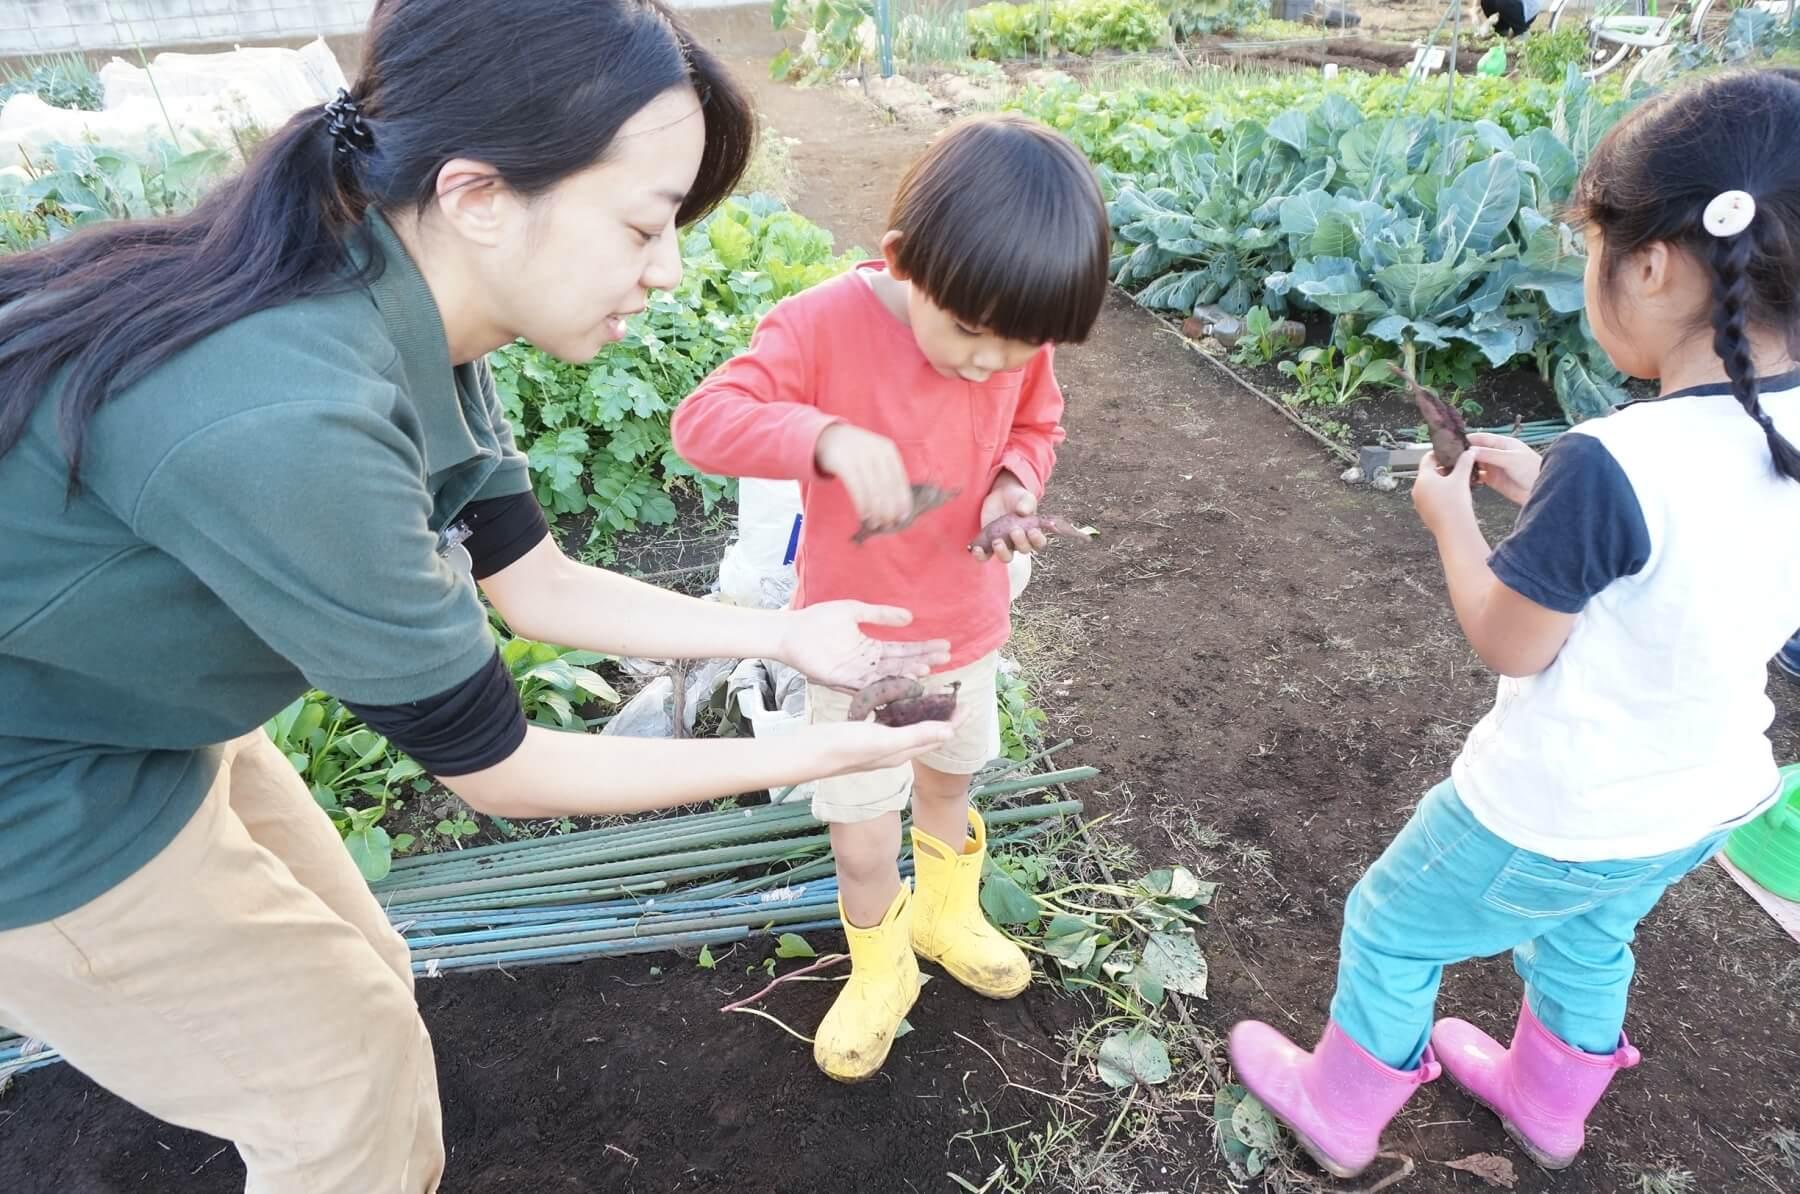 掘ったさつまいもの大きさ比べをする子ども